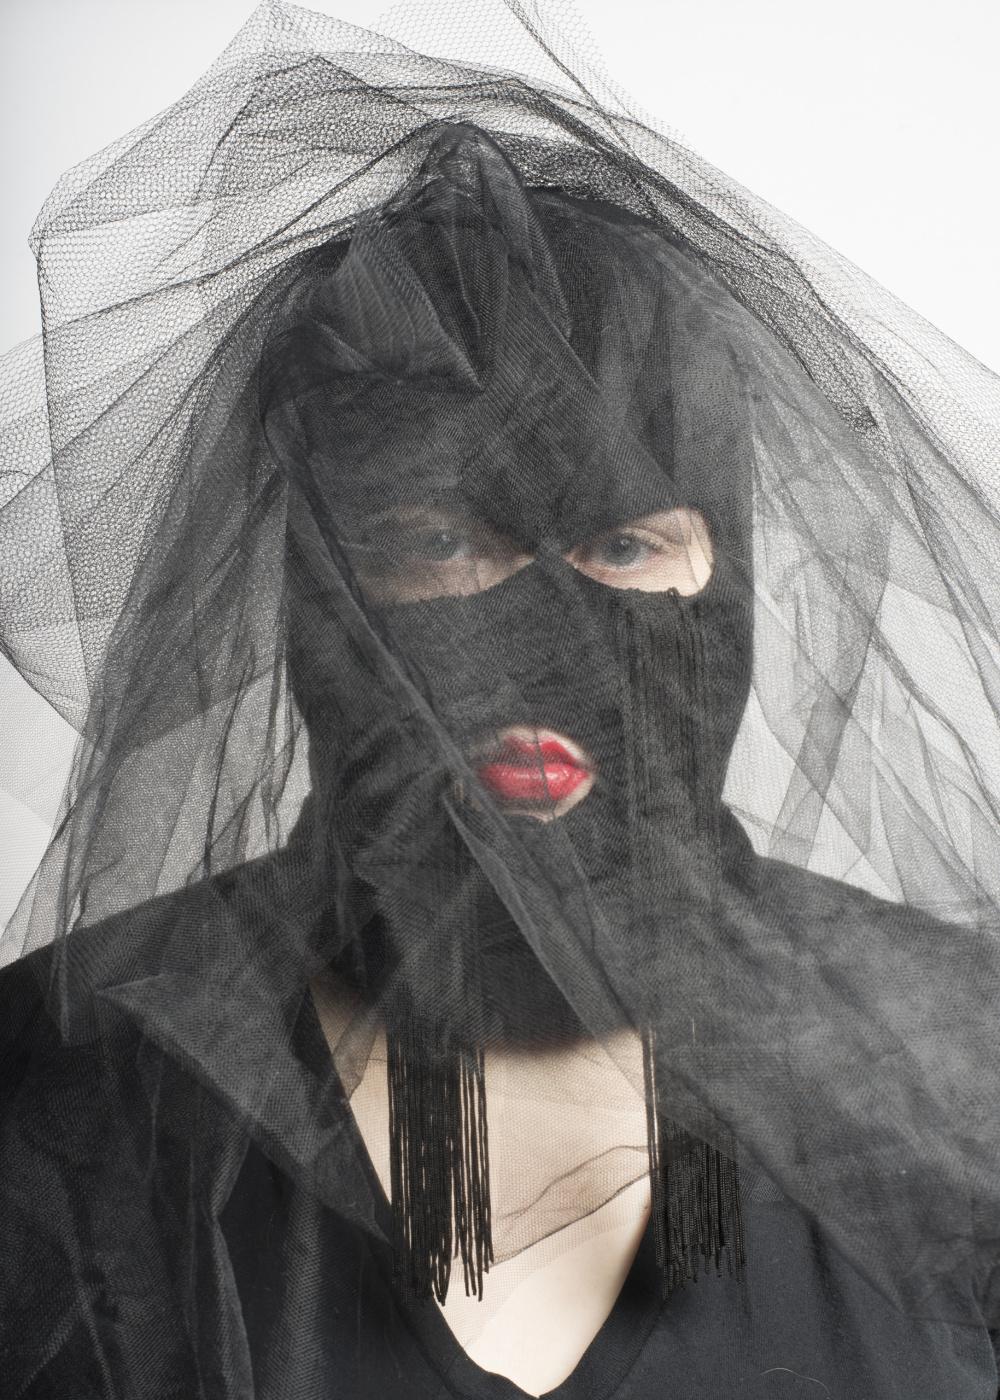 Katarina Kaneff, Shadow Of Myself #1, 2015